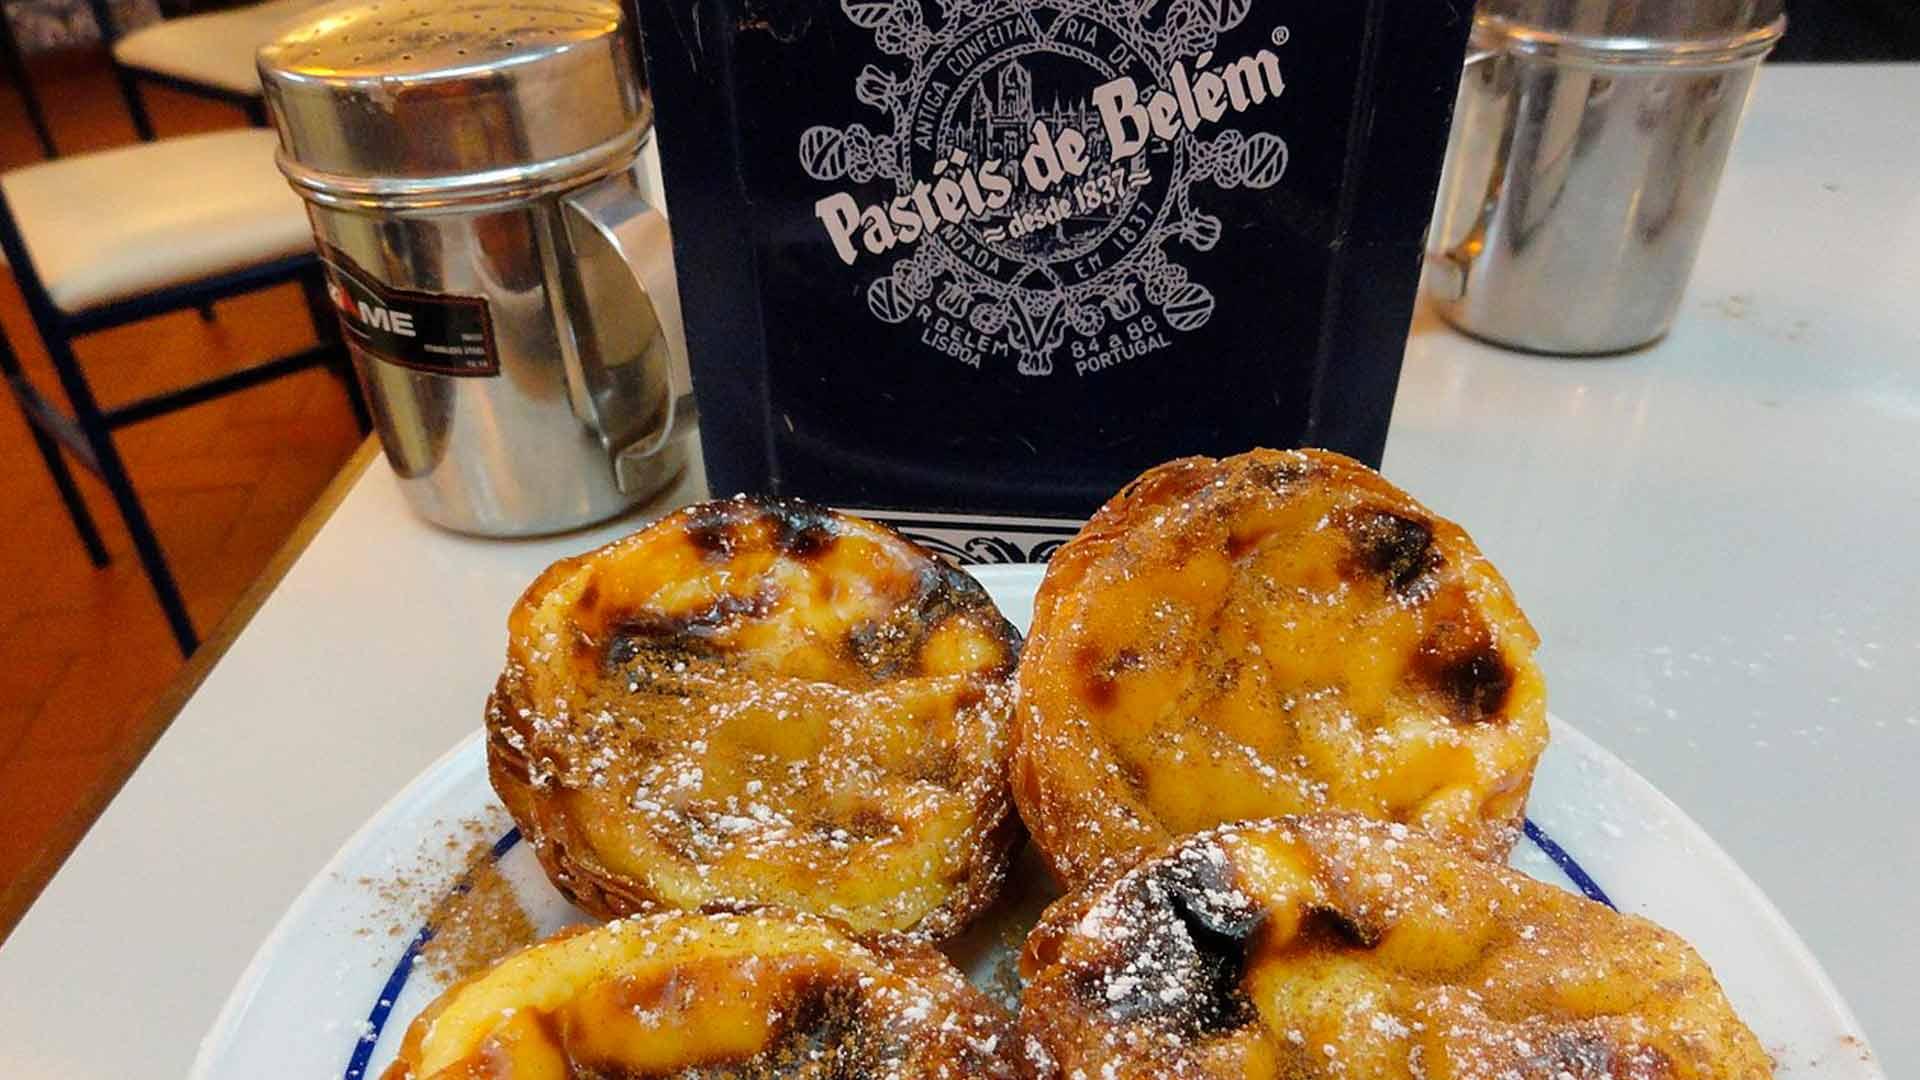 Comer pastel de Belém é uma ótima sugestão do que fazer em Lisboa